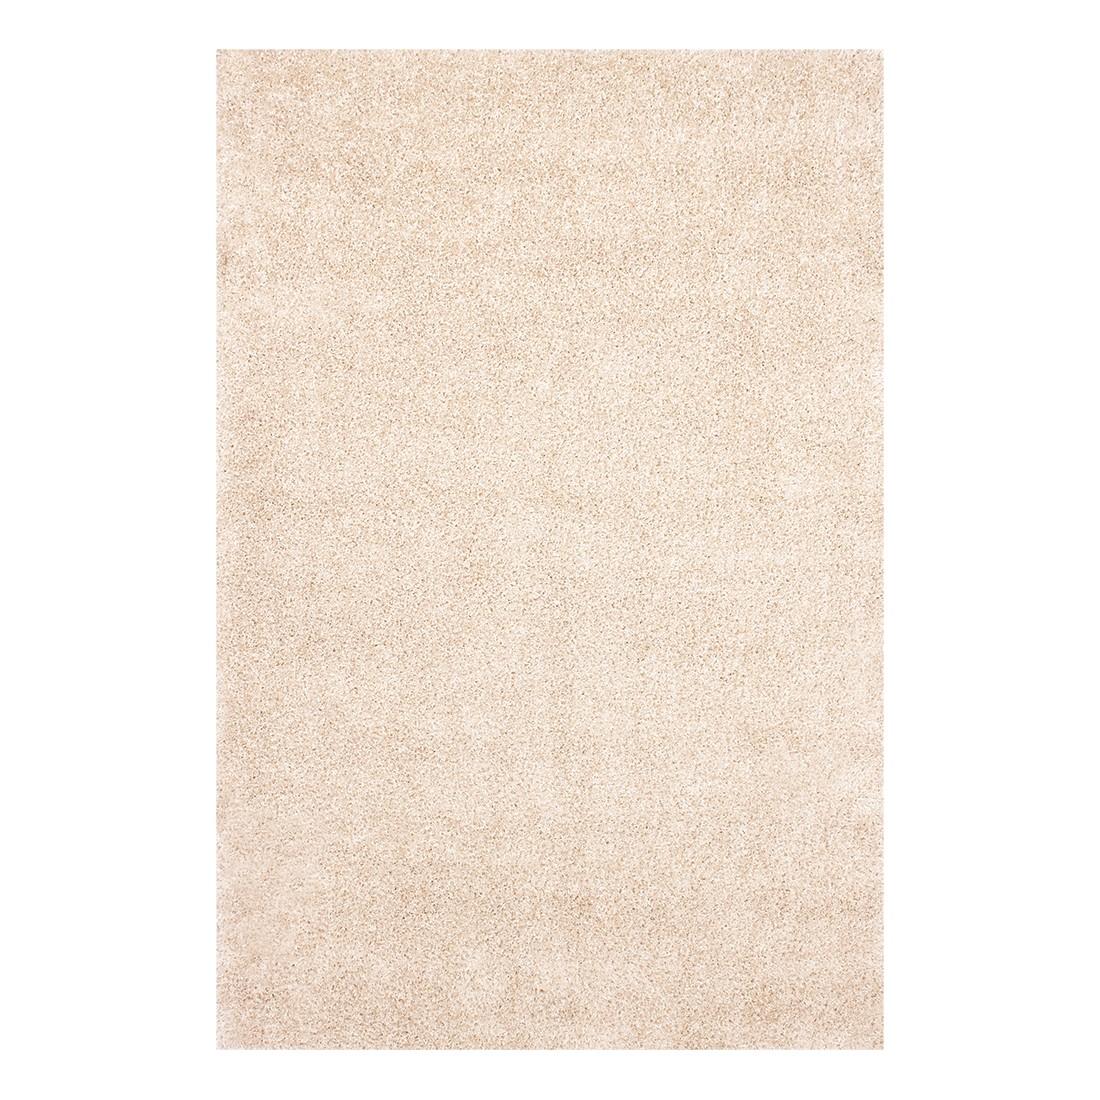 Teppich Harmonie – Beige – 160 x 230 cm, Obsession jetzt kaufen